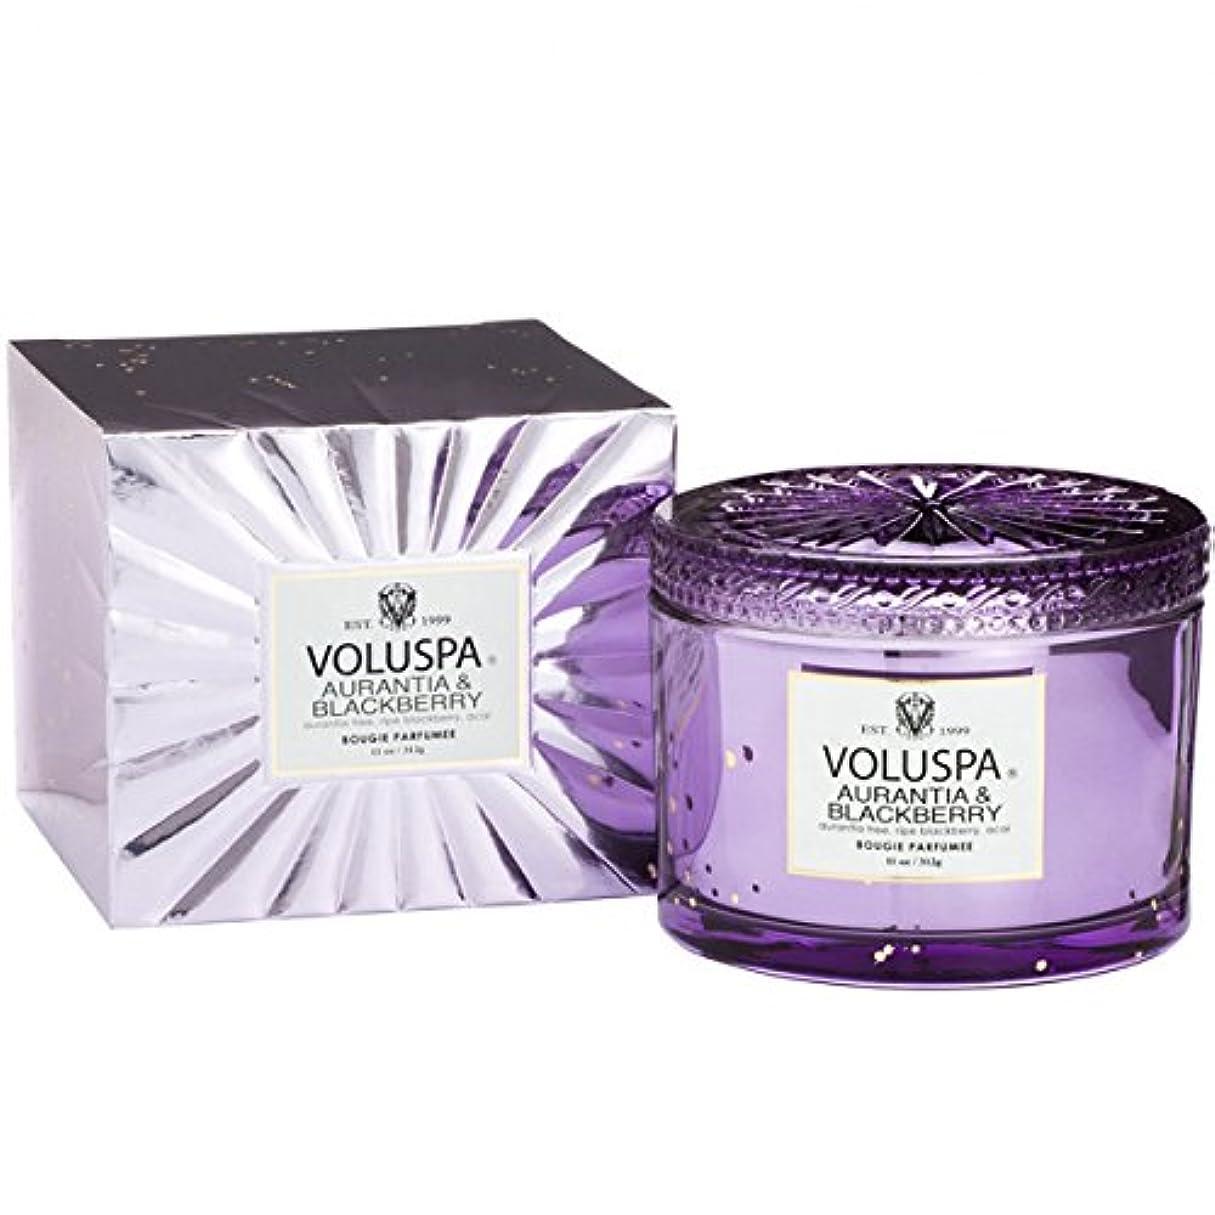 化合物幻滅取り囲むVoluspa ボルスパ ヴァーメイル ボックス入り グラスキャンドル オーランティア&フ?ラックヘ?リー AURANTIA&BLACKBERRY VERMEIL BOX Glass Candle